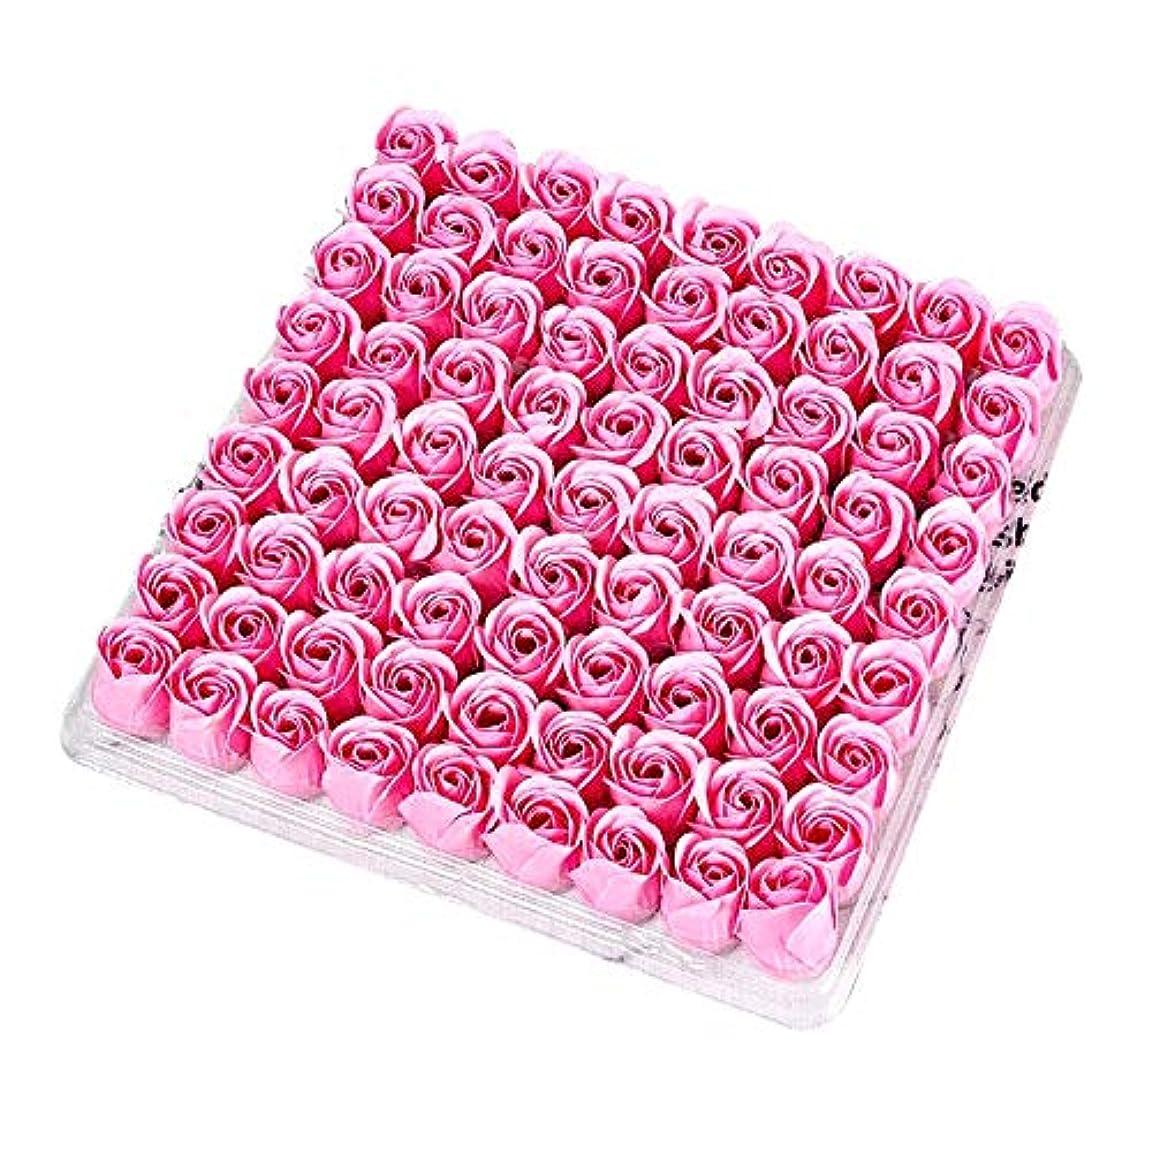 罪人涙謝罪するVaorwne 81個の薔薇、バス ボディ フラワー?フローラルの石けん 香りのよいローズフラワー エッセンシャルオイル フローラルのお客様への石鹸 ウェディング、パーティー、バレンタインデーの贈り物、ピンク